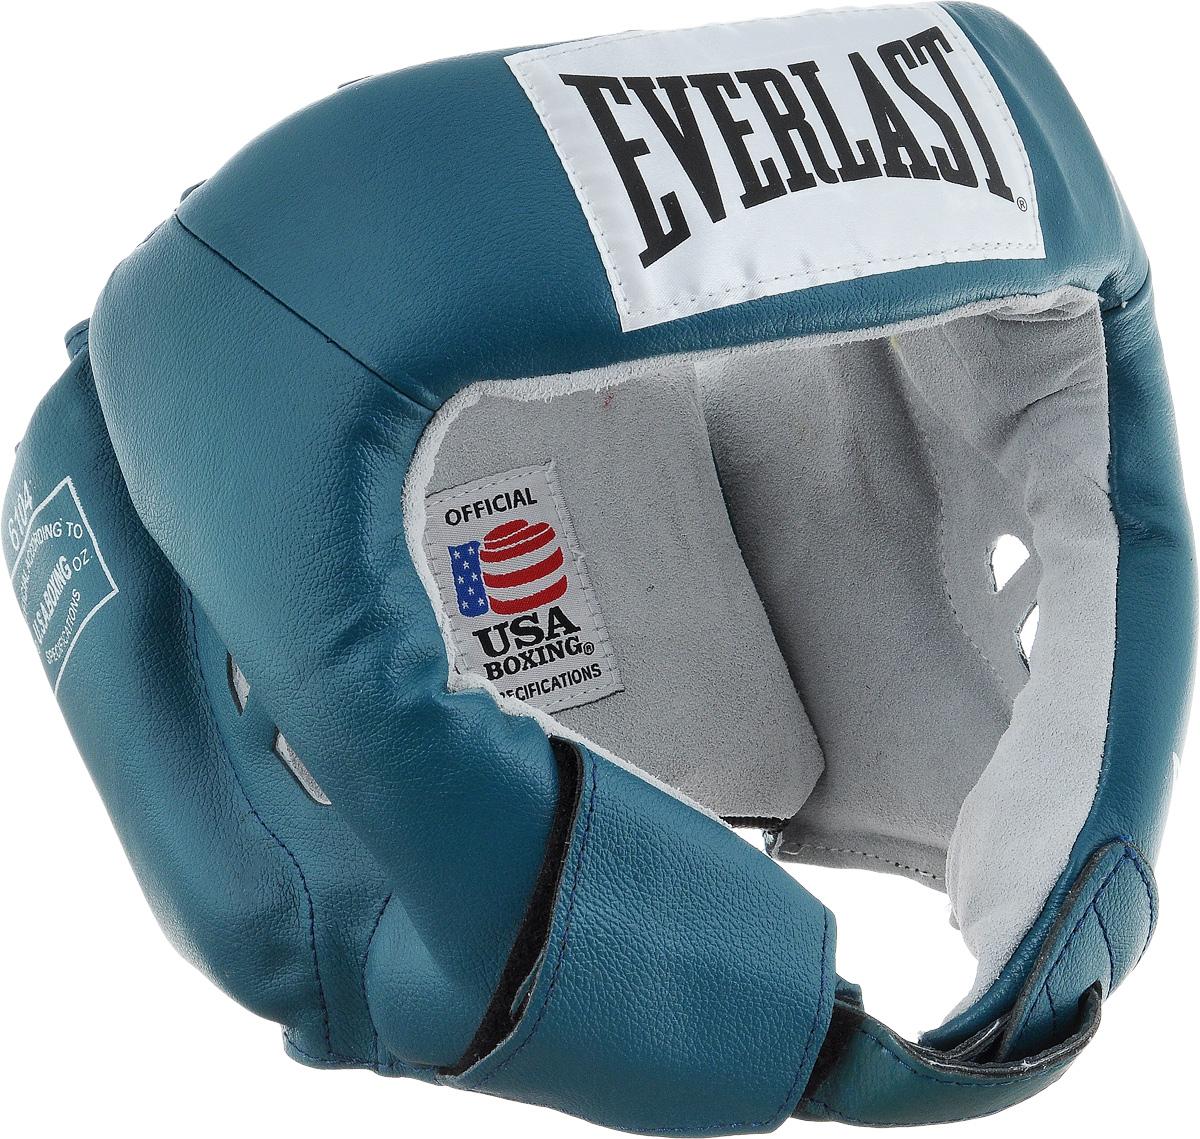 Шлем боксерский Everlast USA Boxing, цвет: бирюзовый, белый. Размер LP1002Everlast USA Boxing - боксерский шлем, разработанный для выступления на любительских соревнованиях и одобренный ассоциацией USA Boxing. Плотный четырехслойный пенный наполнитель превосходно амортизирует удары и значительно снижает риск травмы. Качественная натуральная кожа (снаружи) и не менее качественная замша (внутри) обеспечивают значительный запас прочности и отличную износоустойчивость. Подгонка под необходимый размер и фиксация на голове происходят за счет затягивающихся шнурков.Если вы еще ищите шлем для предстоящих соревнований, то Everlast USA Boxing - это ваш выбор!Диаметр головы: 18 см.